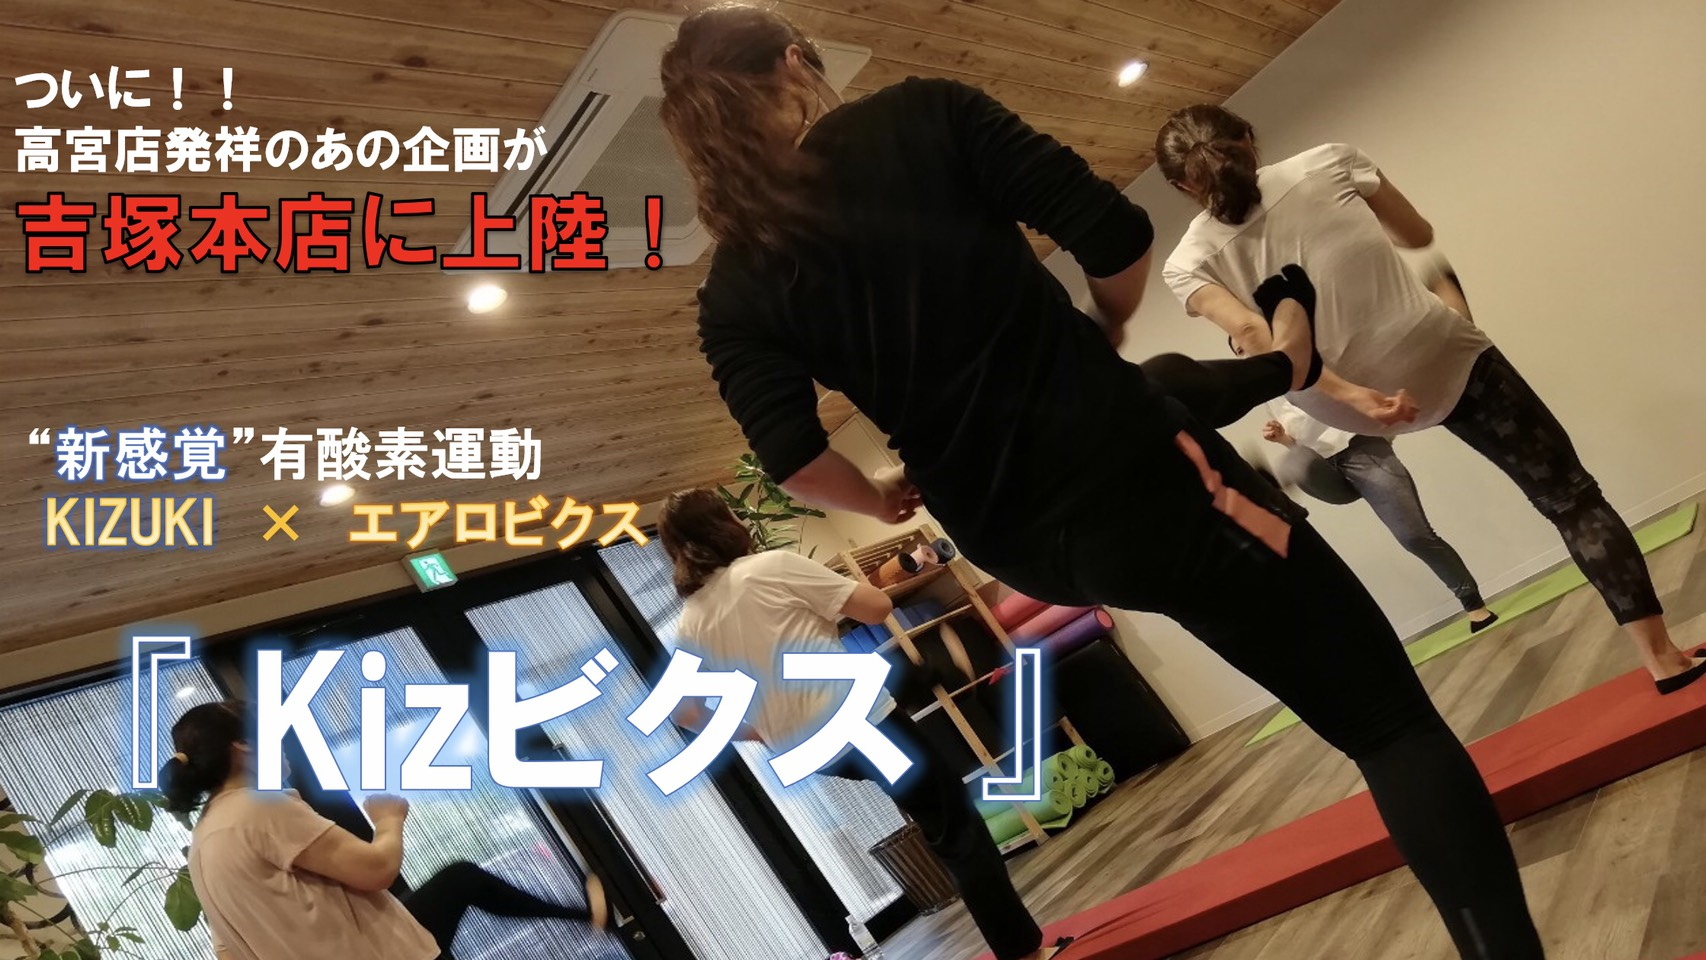 大人気のKizビクスが吉塚本店で開催決定!☺